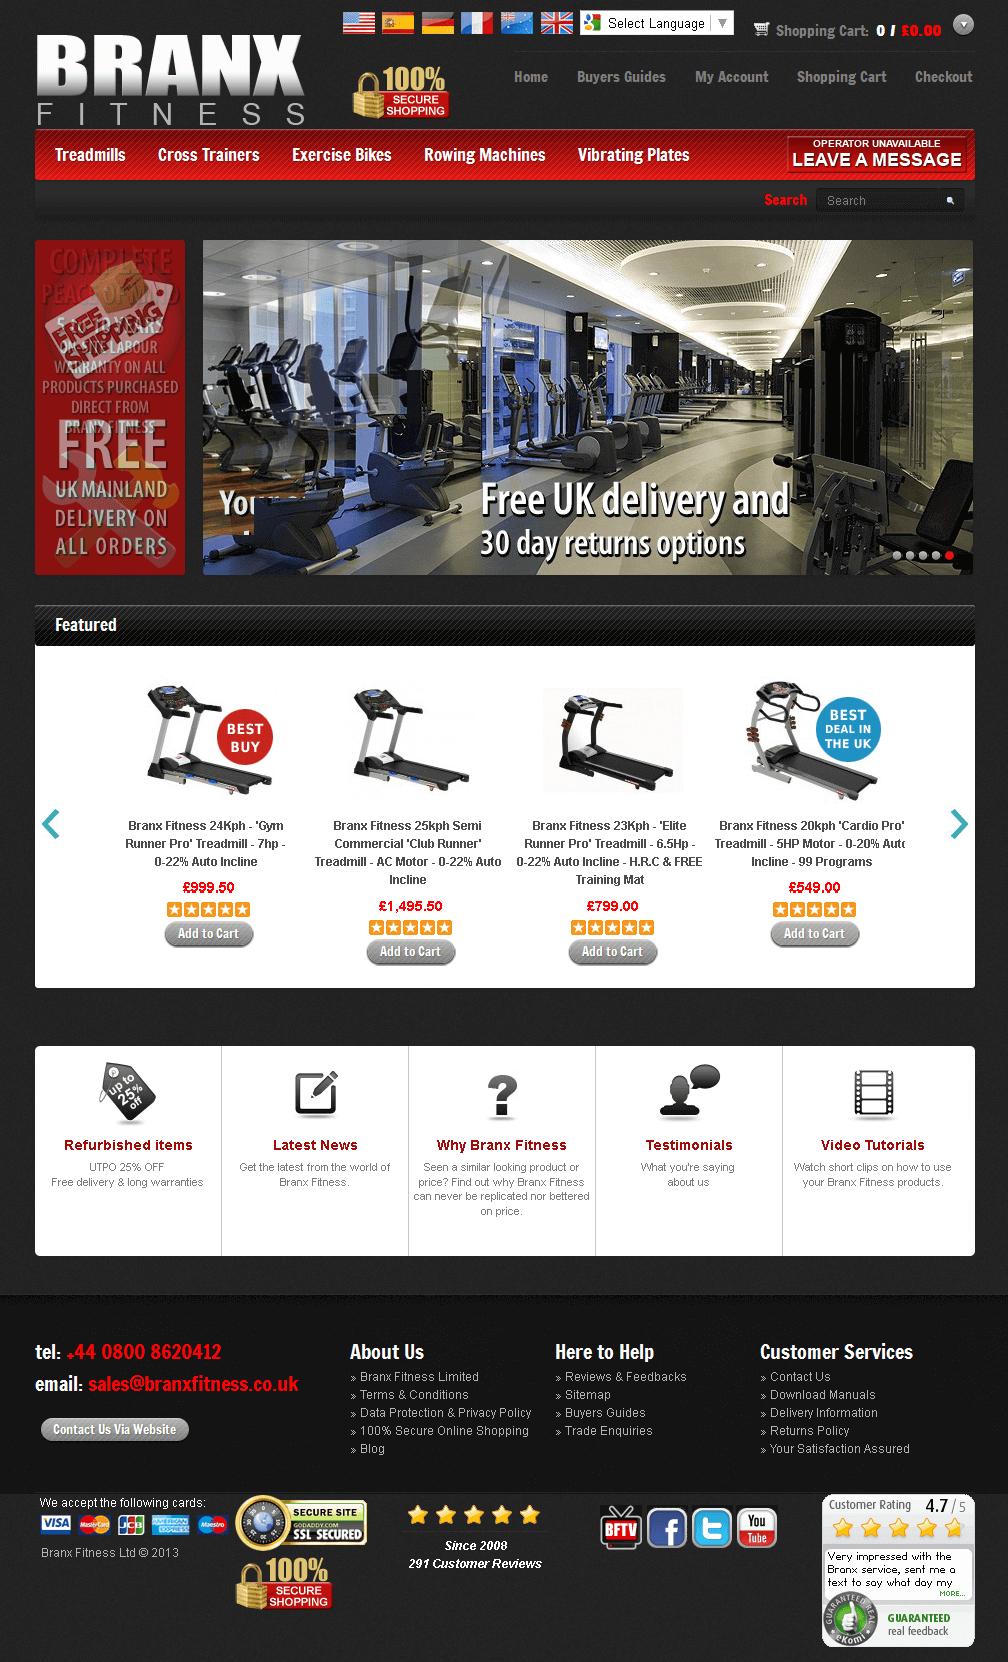 PHP Website for Online Fitness Equipment Seller 'BRANX FITNESS'